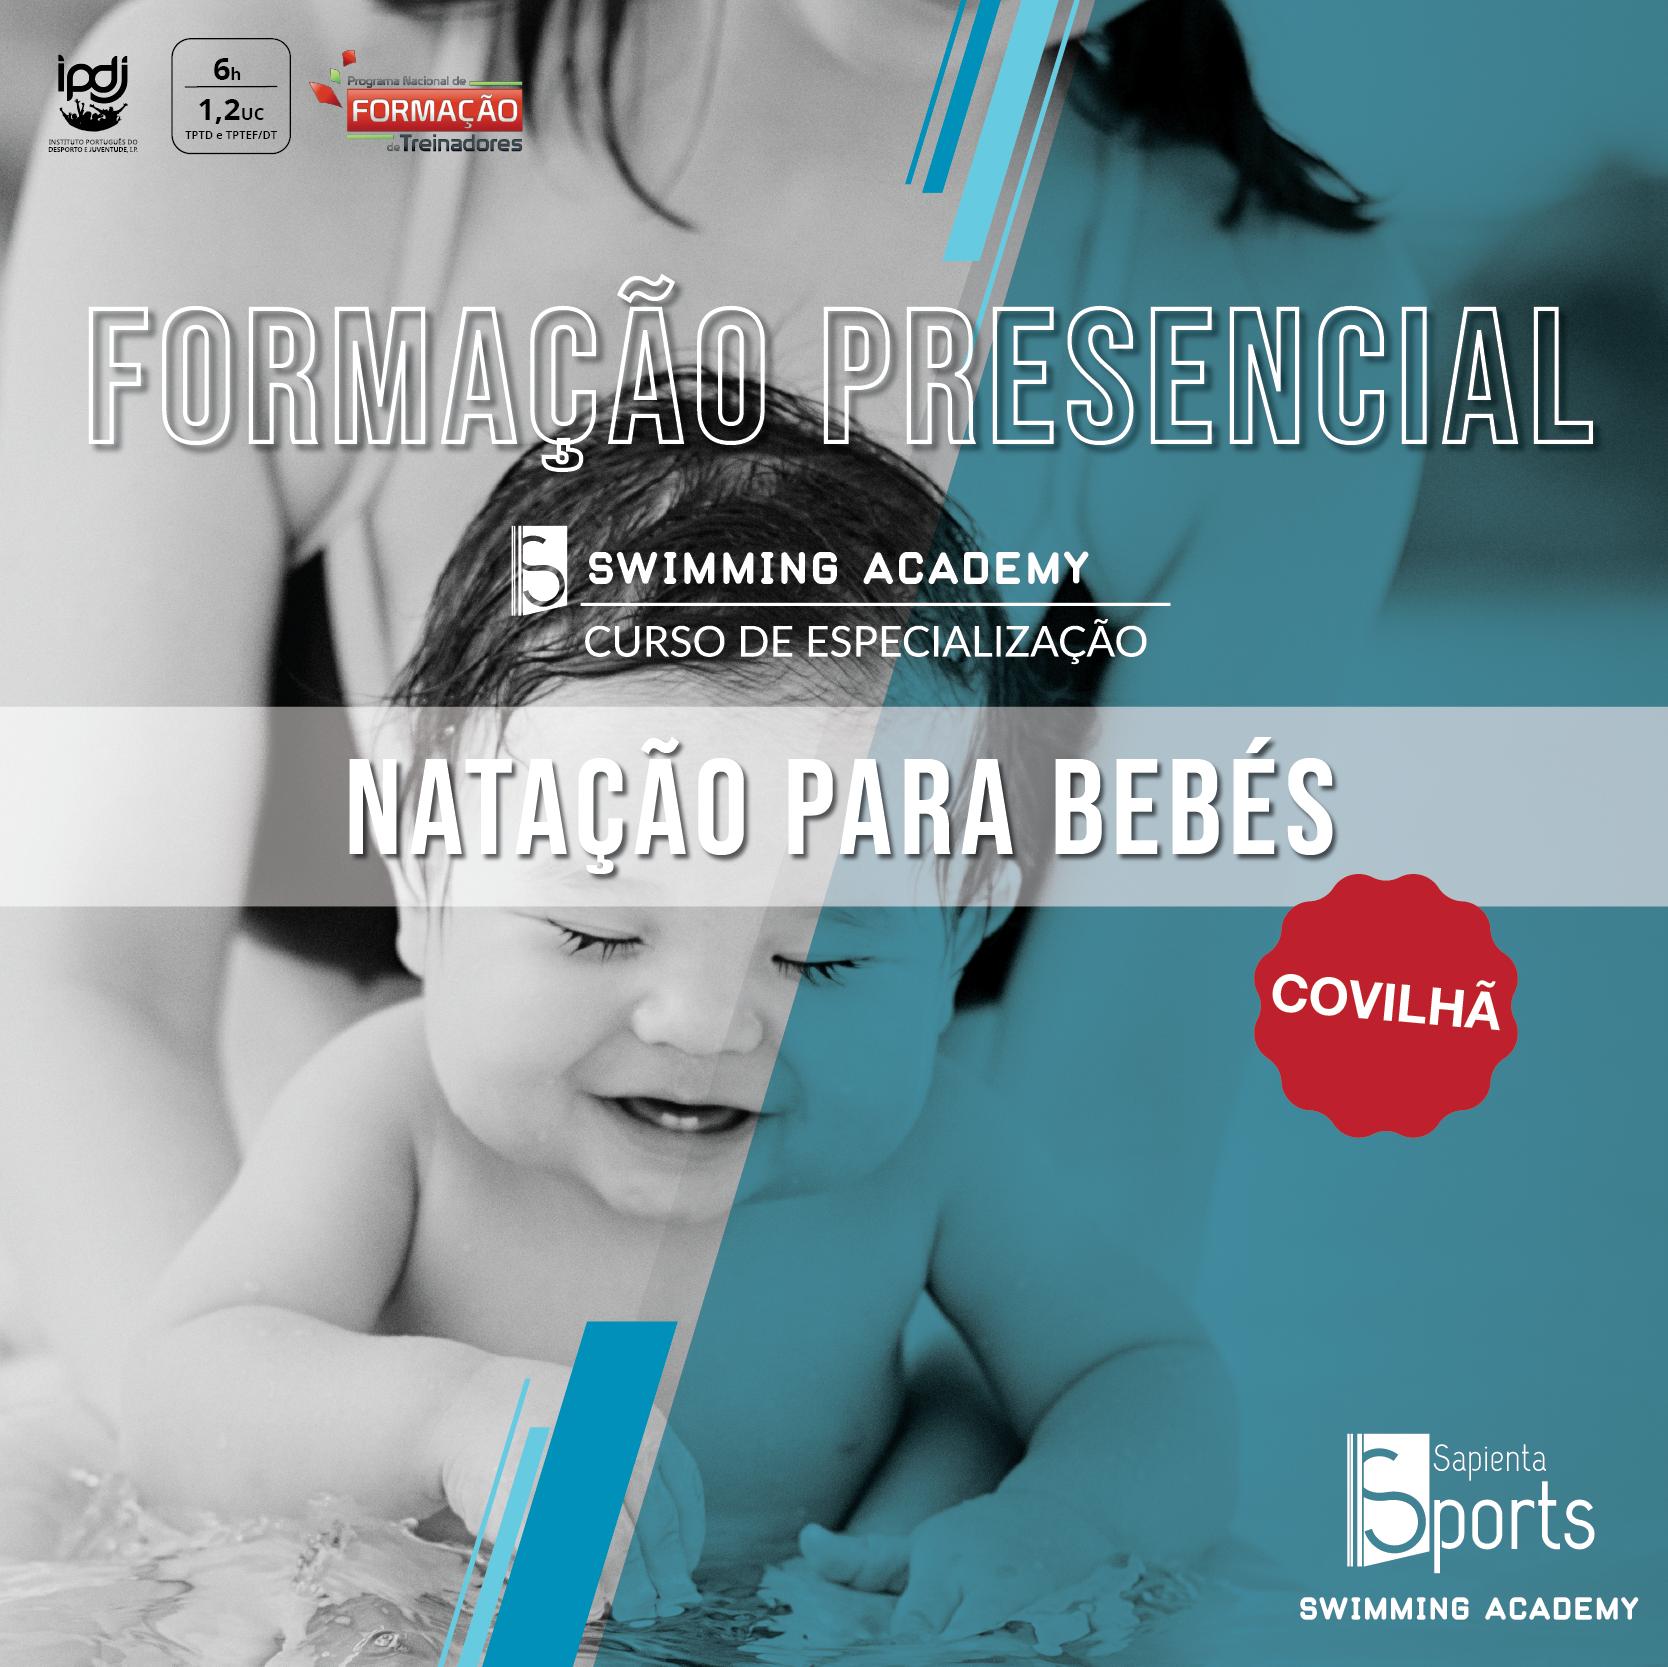 Curso de Especialização em Natação para Bebés